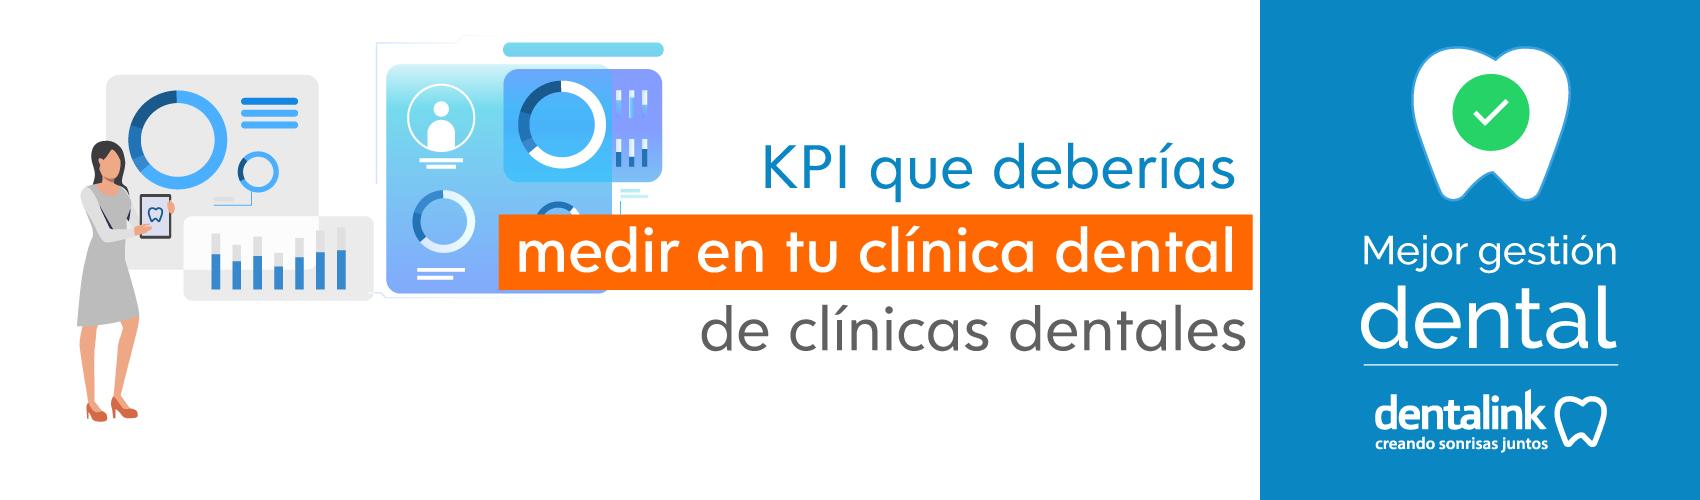 KPI que deberías estar midiendo en tu clínica dental